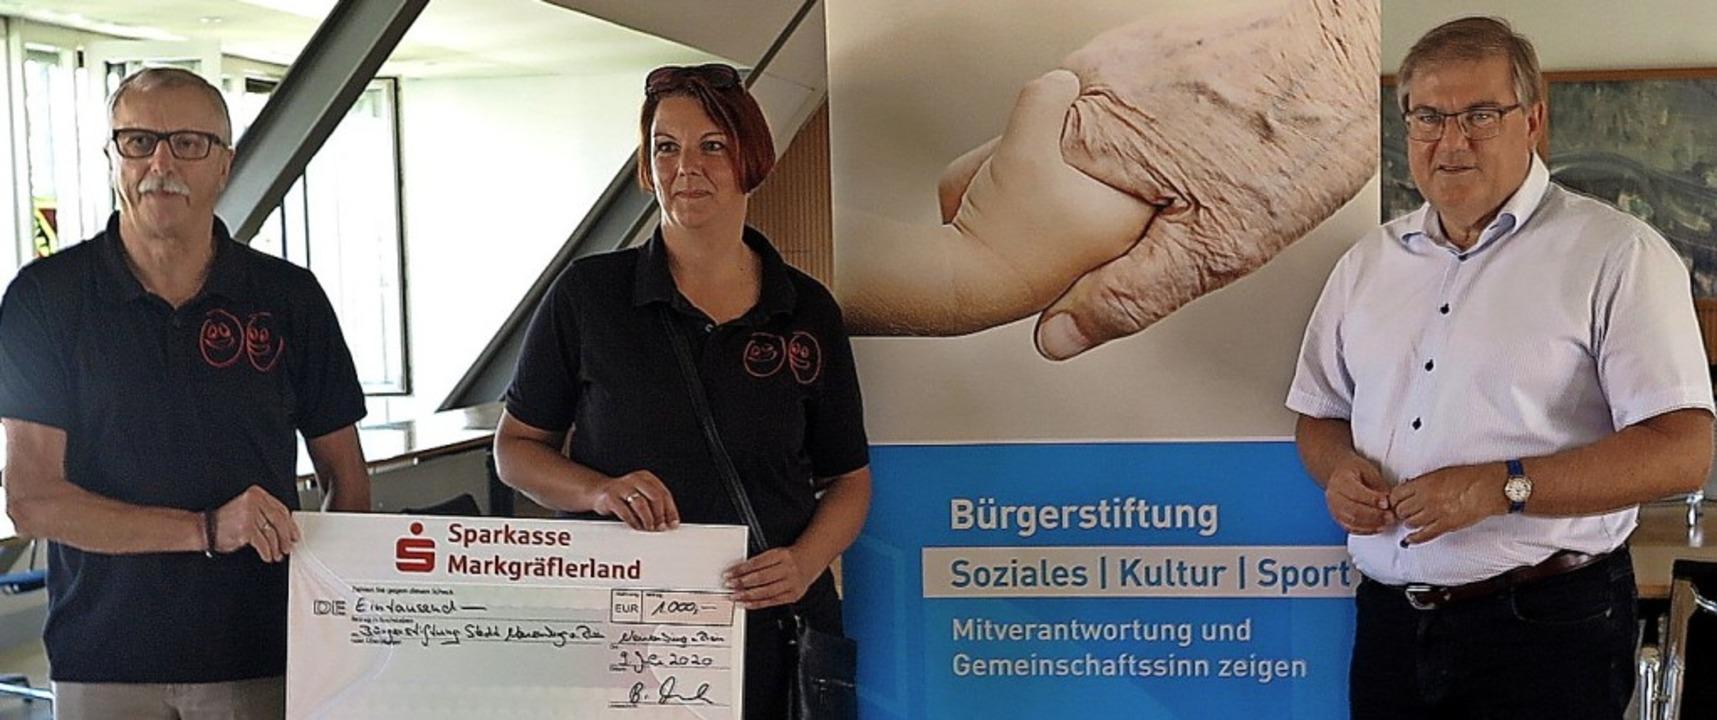 1000 Euro für die Bürgerstiftung Neuen...tiftungsvorsitzender Joachim Schuster   | Foto: Dorothee Philipp